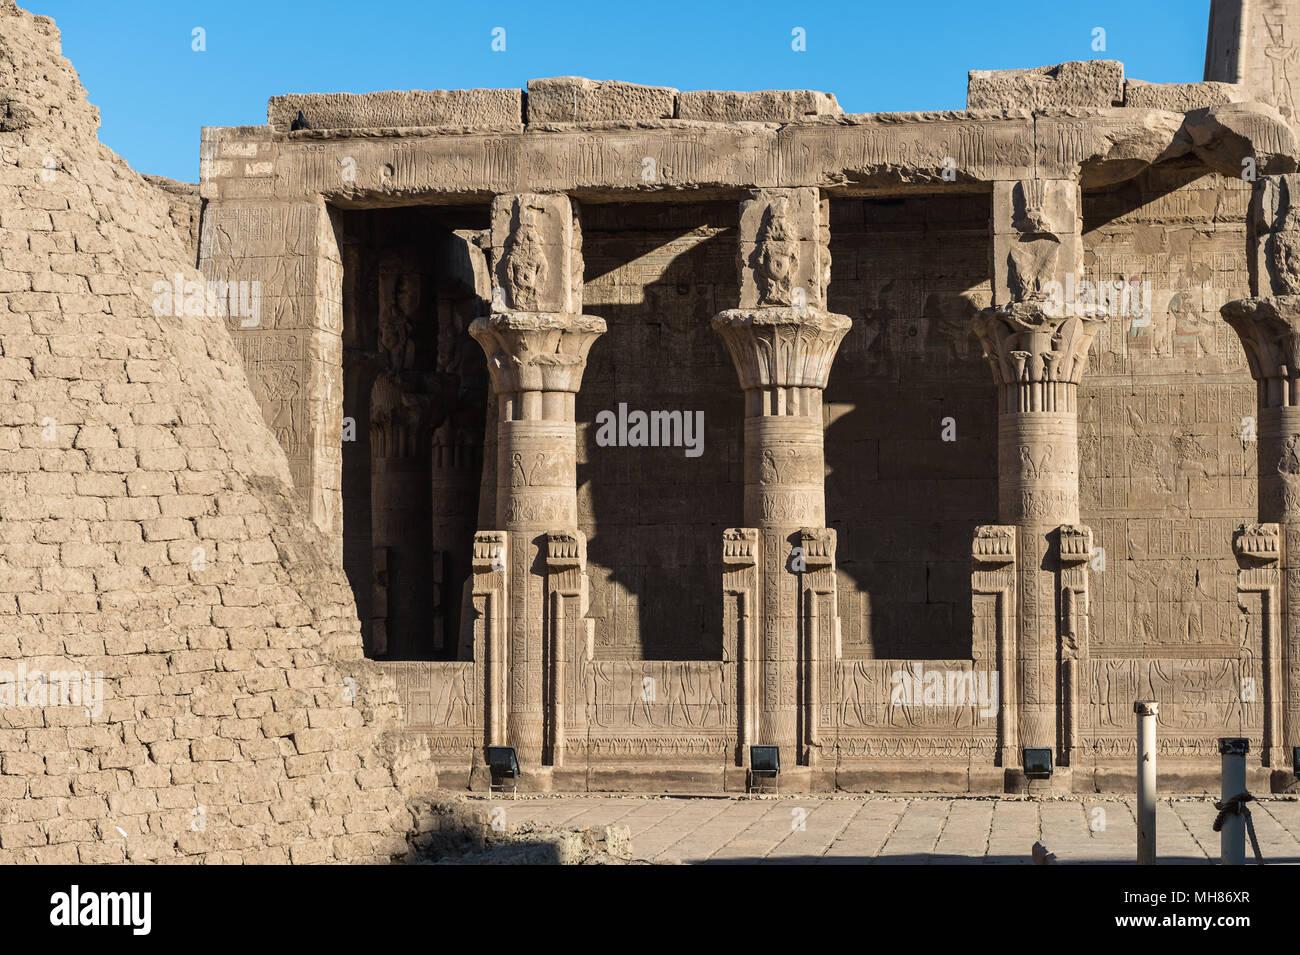 Ptolemaic Temple of Horus, Edfu (Idfu, Edfou, Behdet), Egypt. - Stock Image